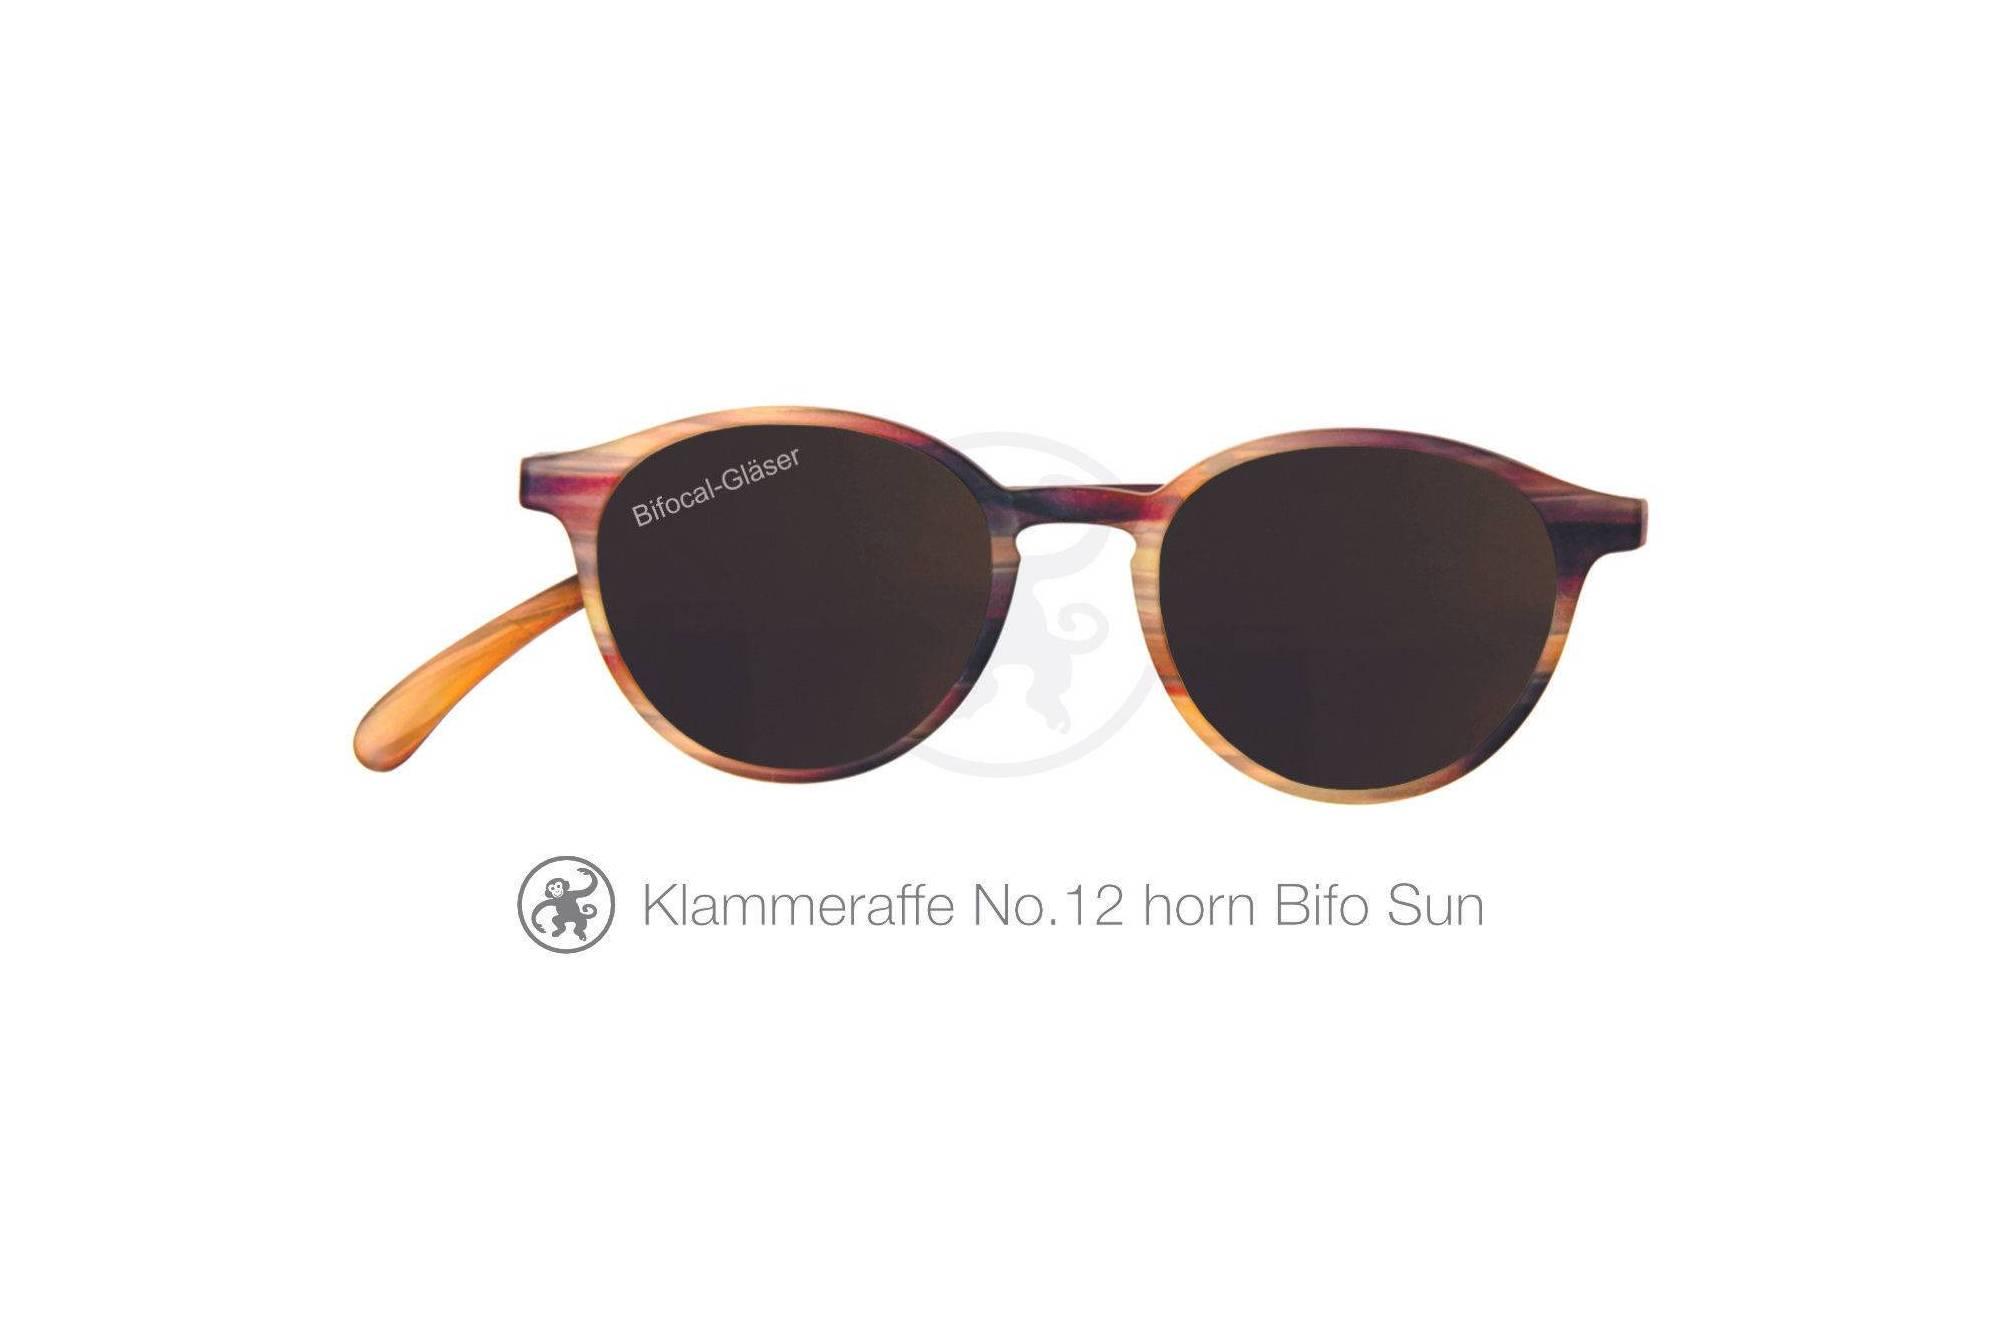 Klammeraffe Modell 12 bifokal, Farbe horn